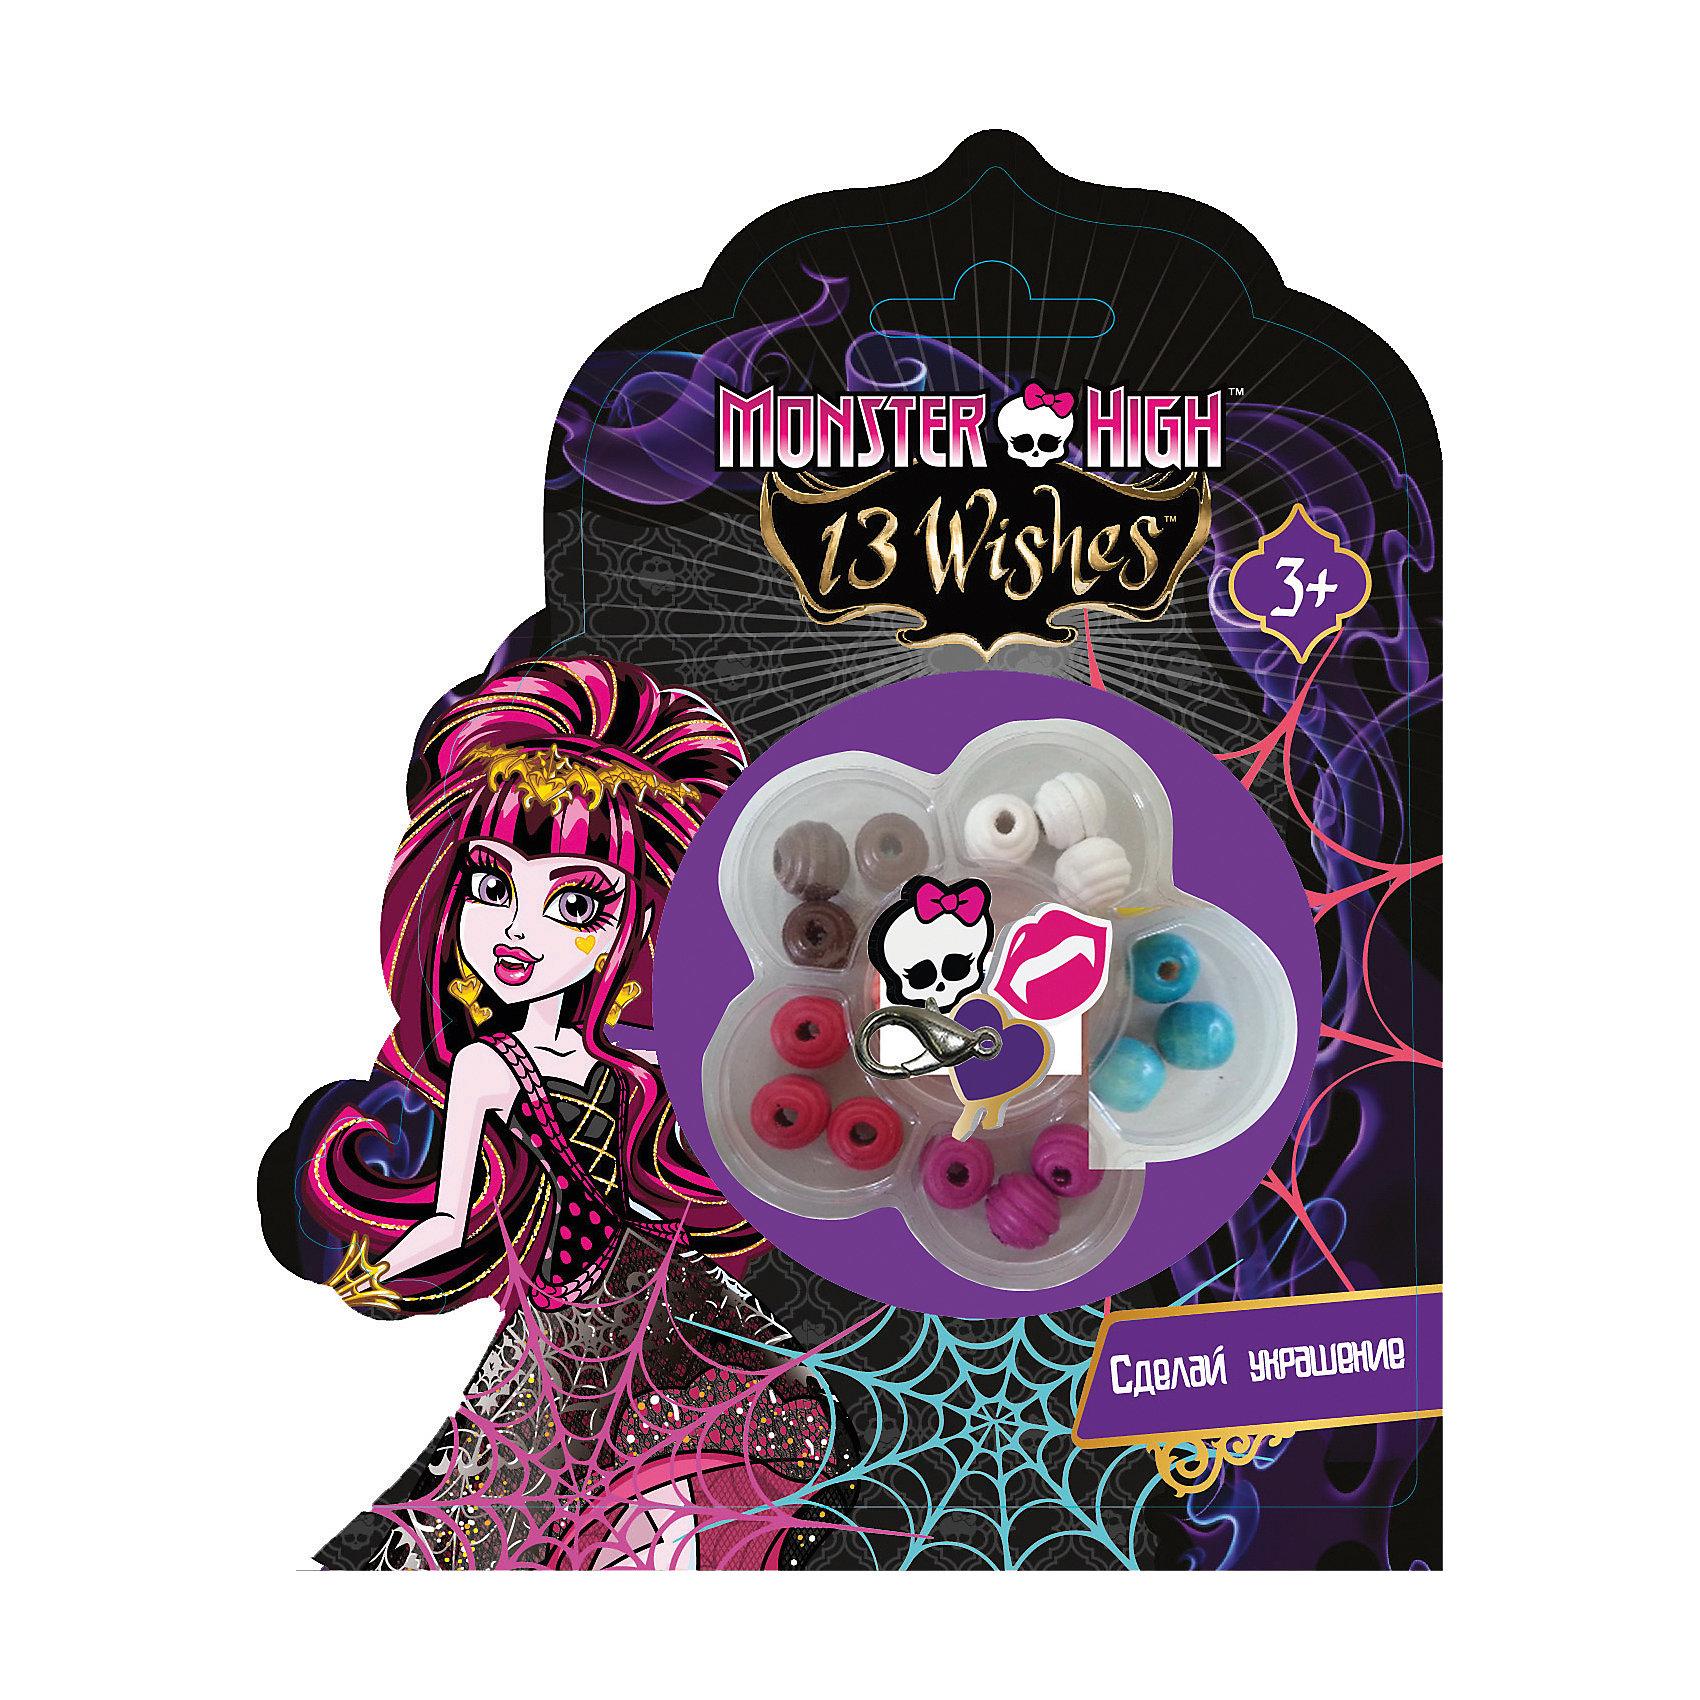 Centrum Набор Сделай браслет Monster HighРукоделие<br>Набор Сделай браслет Monster High. В наборе бусинки, подвески, лента и веревка для создания браслета<br><br>Ширина мм: 20<br>Глубина мм: 190<br>Высота мм: 200<br>Вес г: 53<br>Возраст от месяцев: 60<br>Возраст до месяцев: 2147483647<br>Пол: Женский<br>Возраст: Детский<br>SKU: 6846691